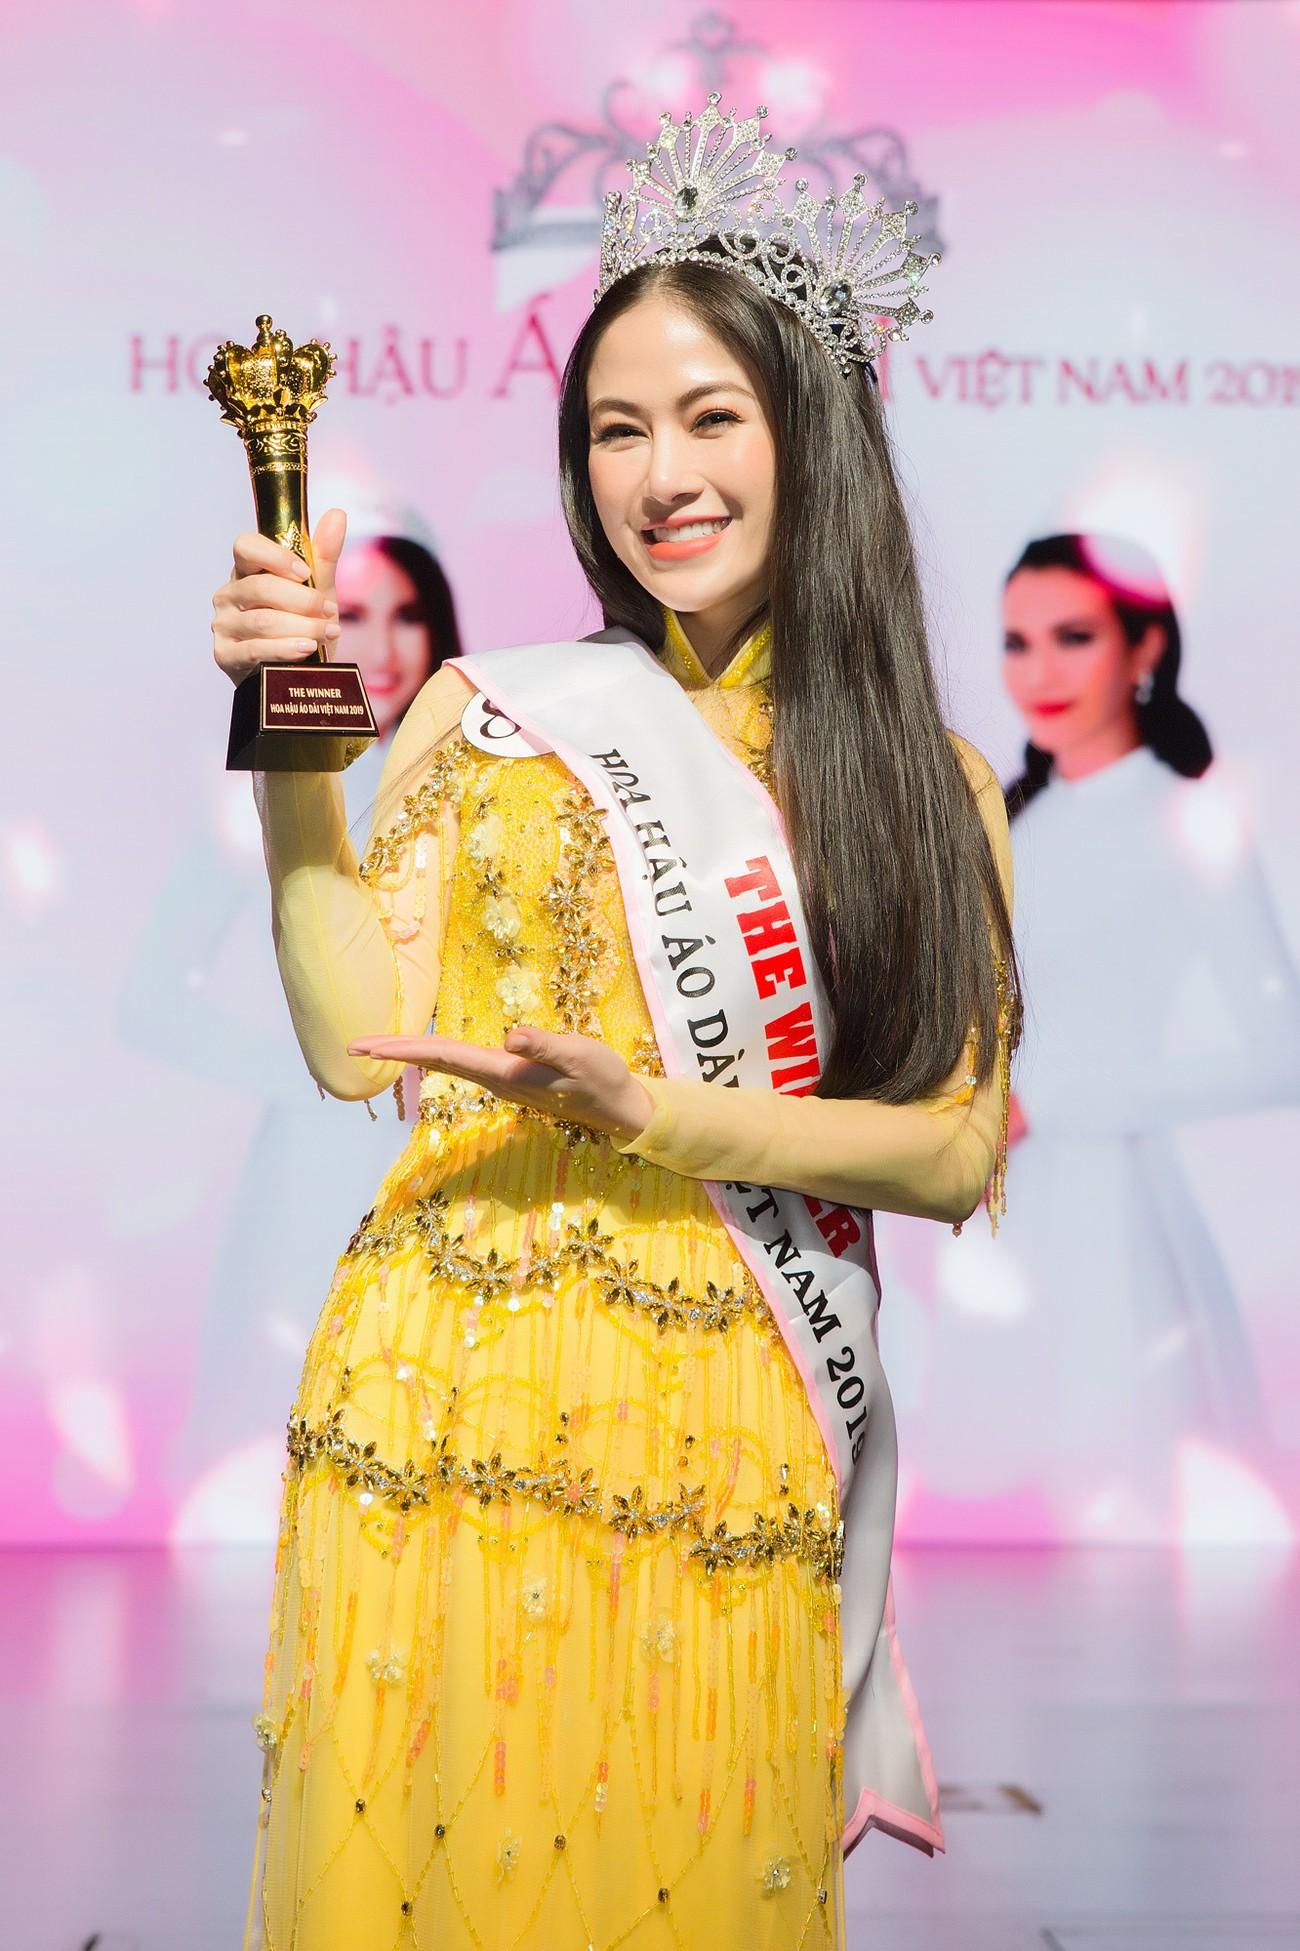 Giọng ca Sao Mai đăng quang Hoa hậu Áo dài Việt Nam 2019 - Ảnh 1.